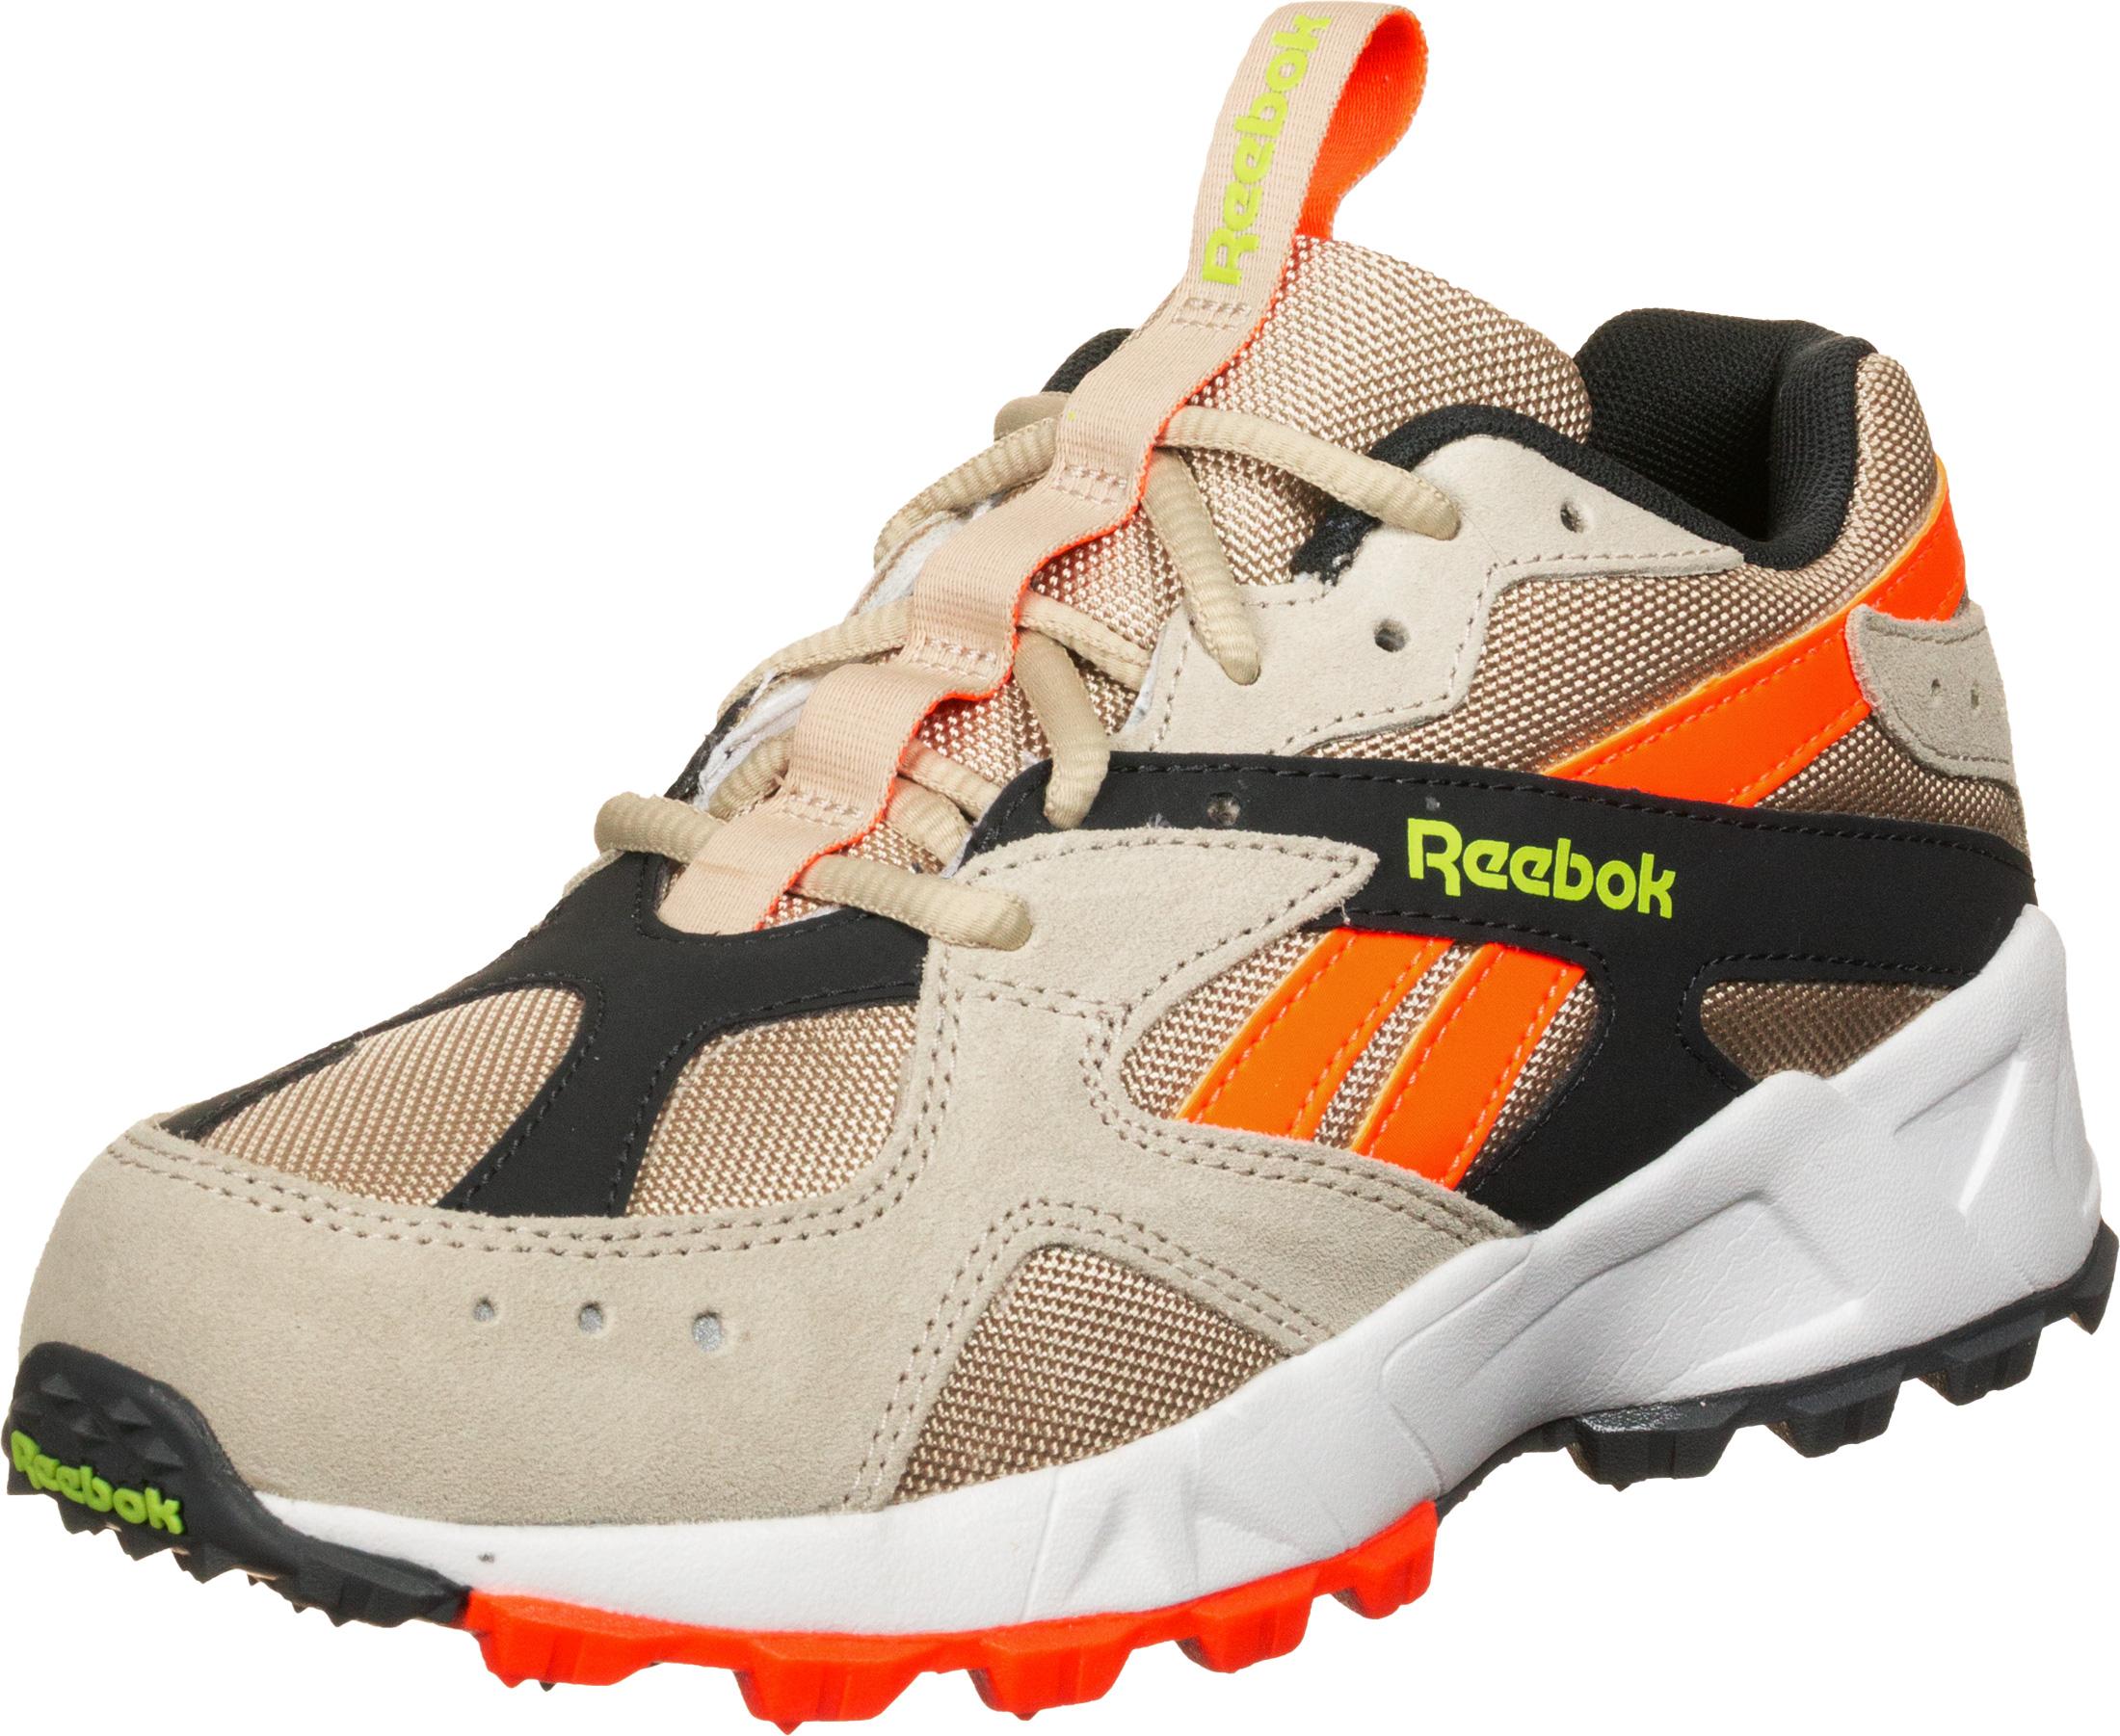 Reebok Aztrek 93 Adventure - Sneakers